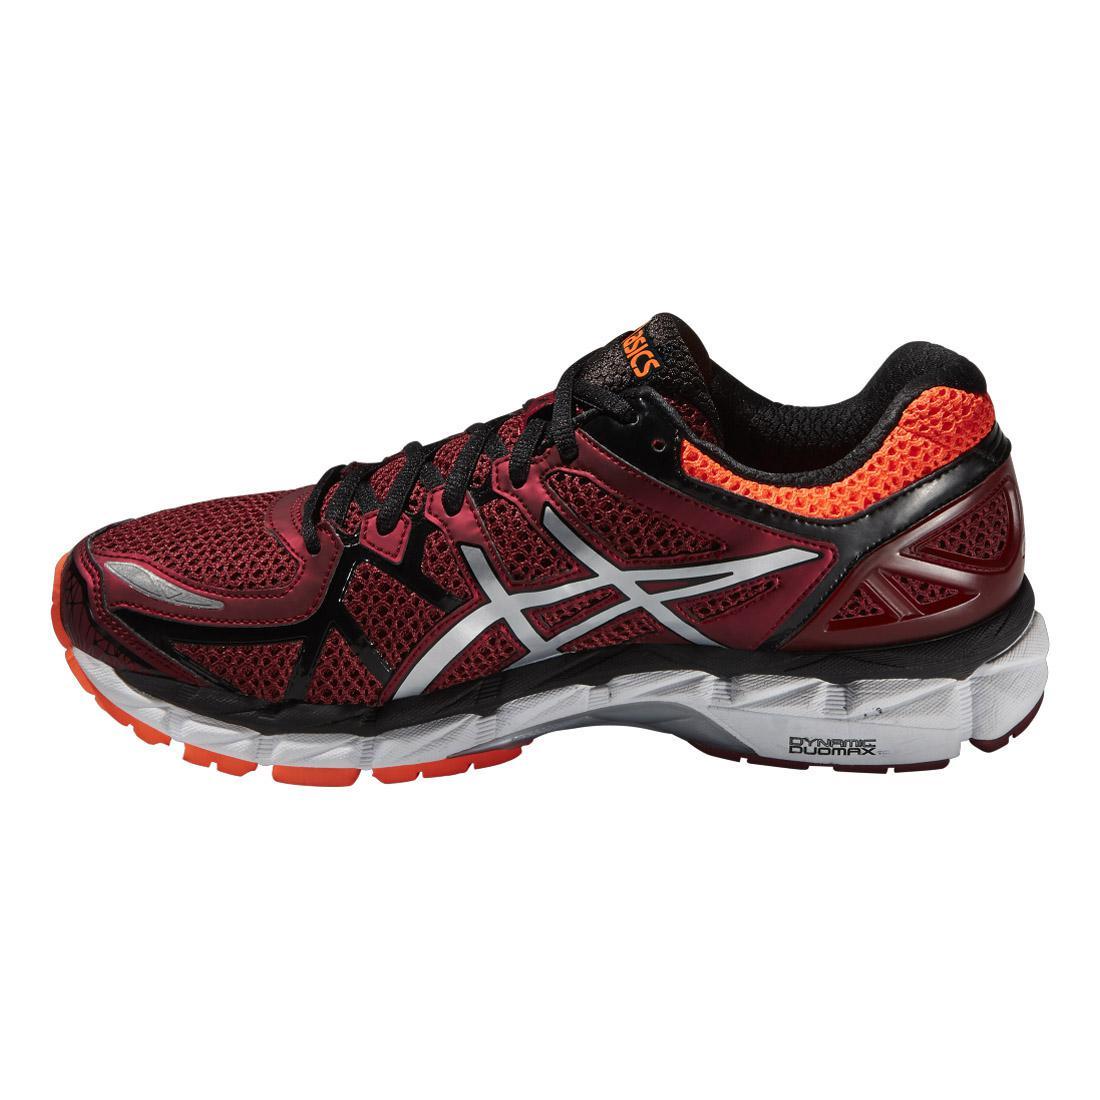 asics mens gel kayano 21 running shoes red orange